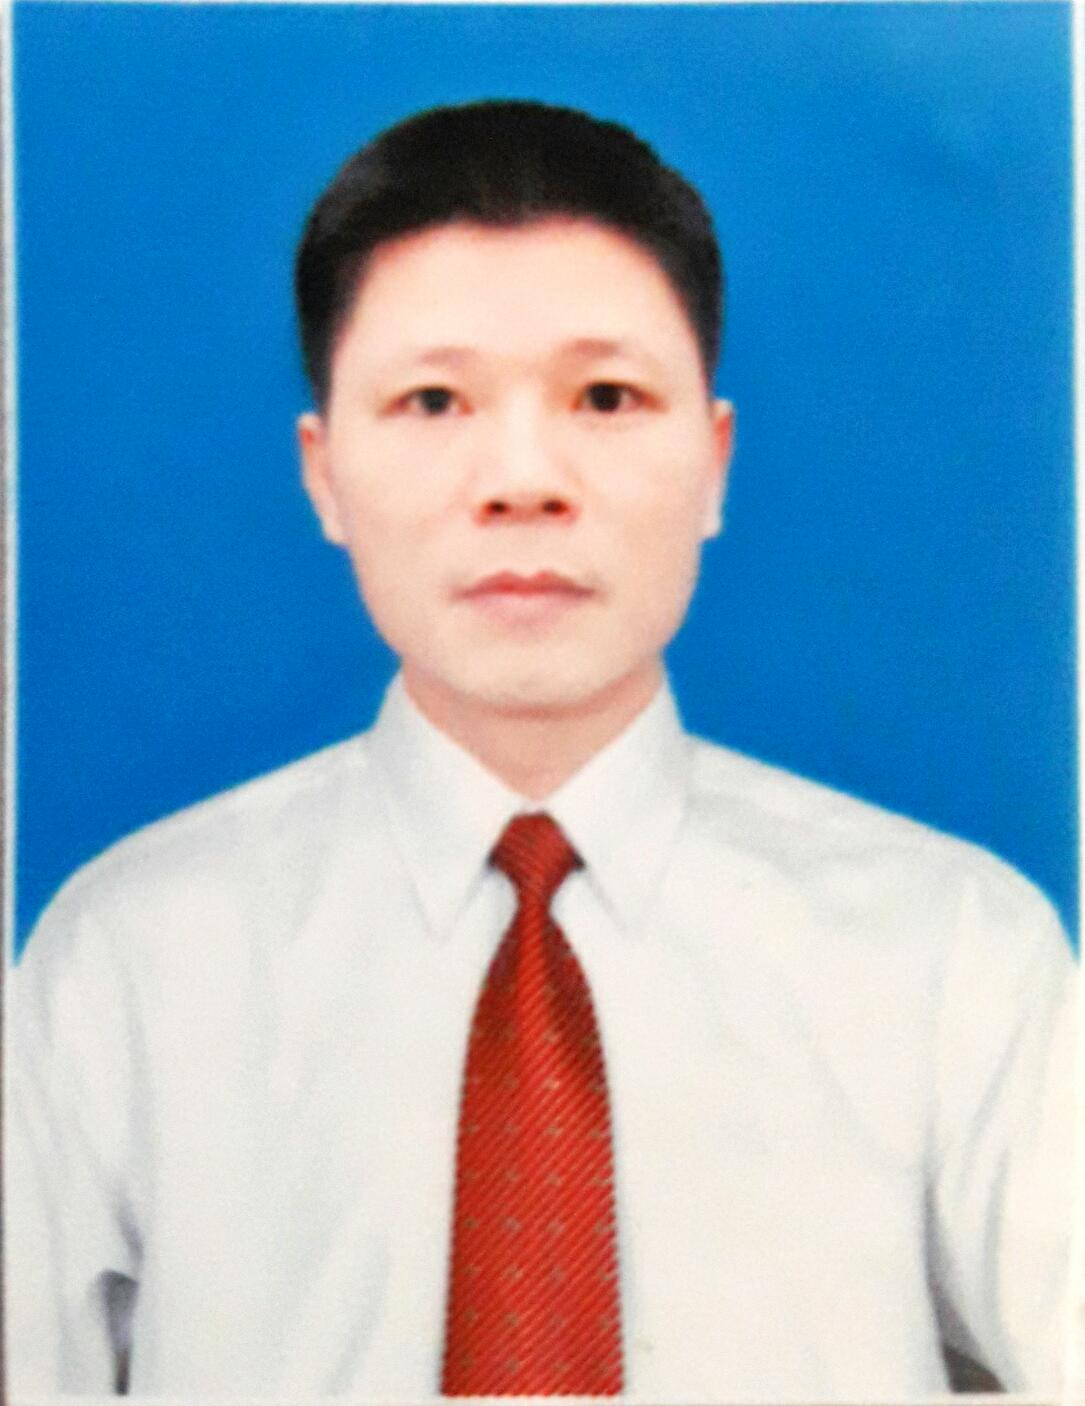 Nguyễn Văn Thắng